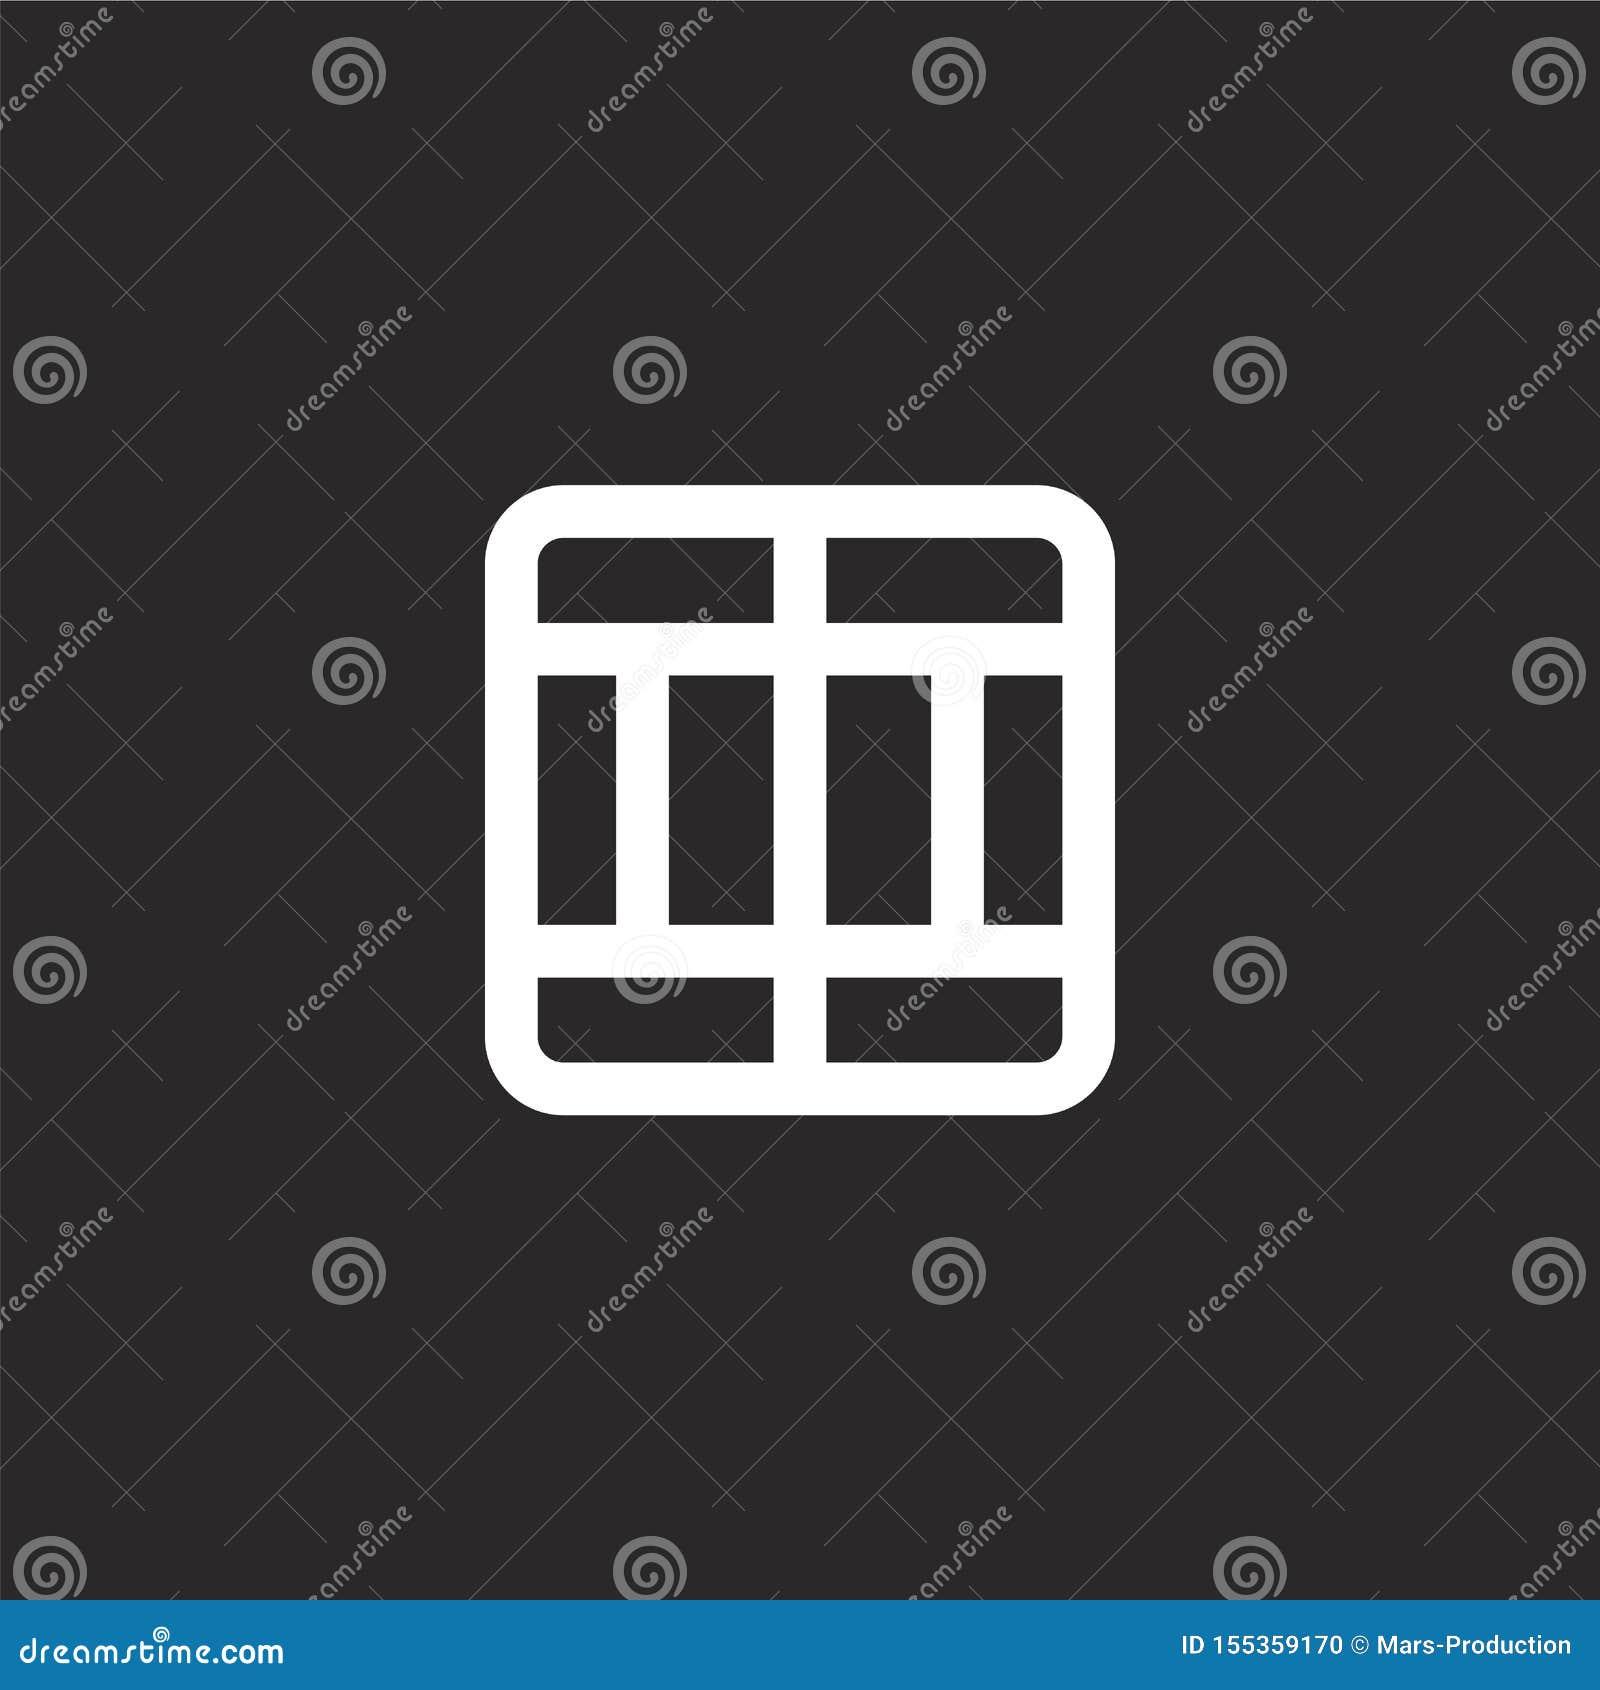 διαιρέστε το εικονίδιο Γεμισμένος διαιρέστε το εικονίδιο για το σχέδιο ιστοχώρου και κινητός, app ανάπτυξη διαιρέστε το εικονίδιο